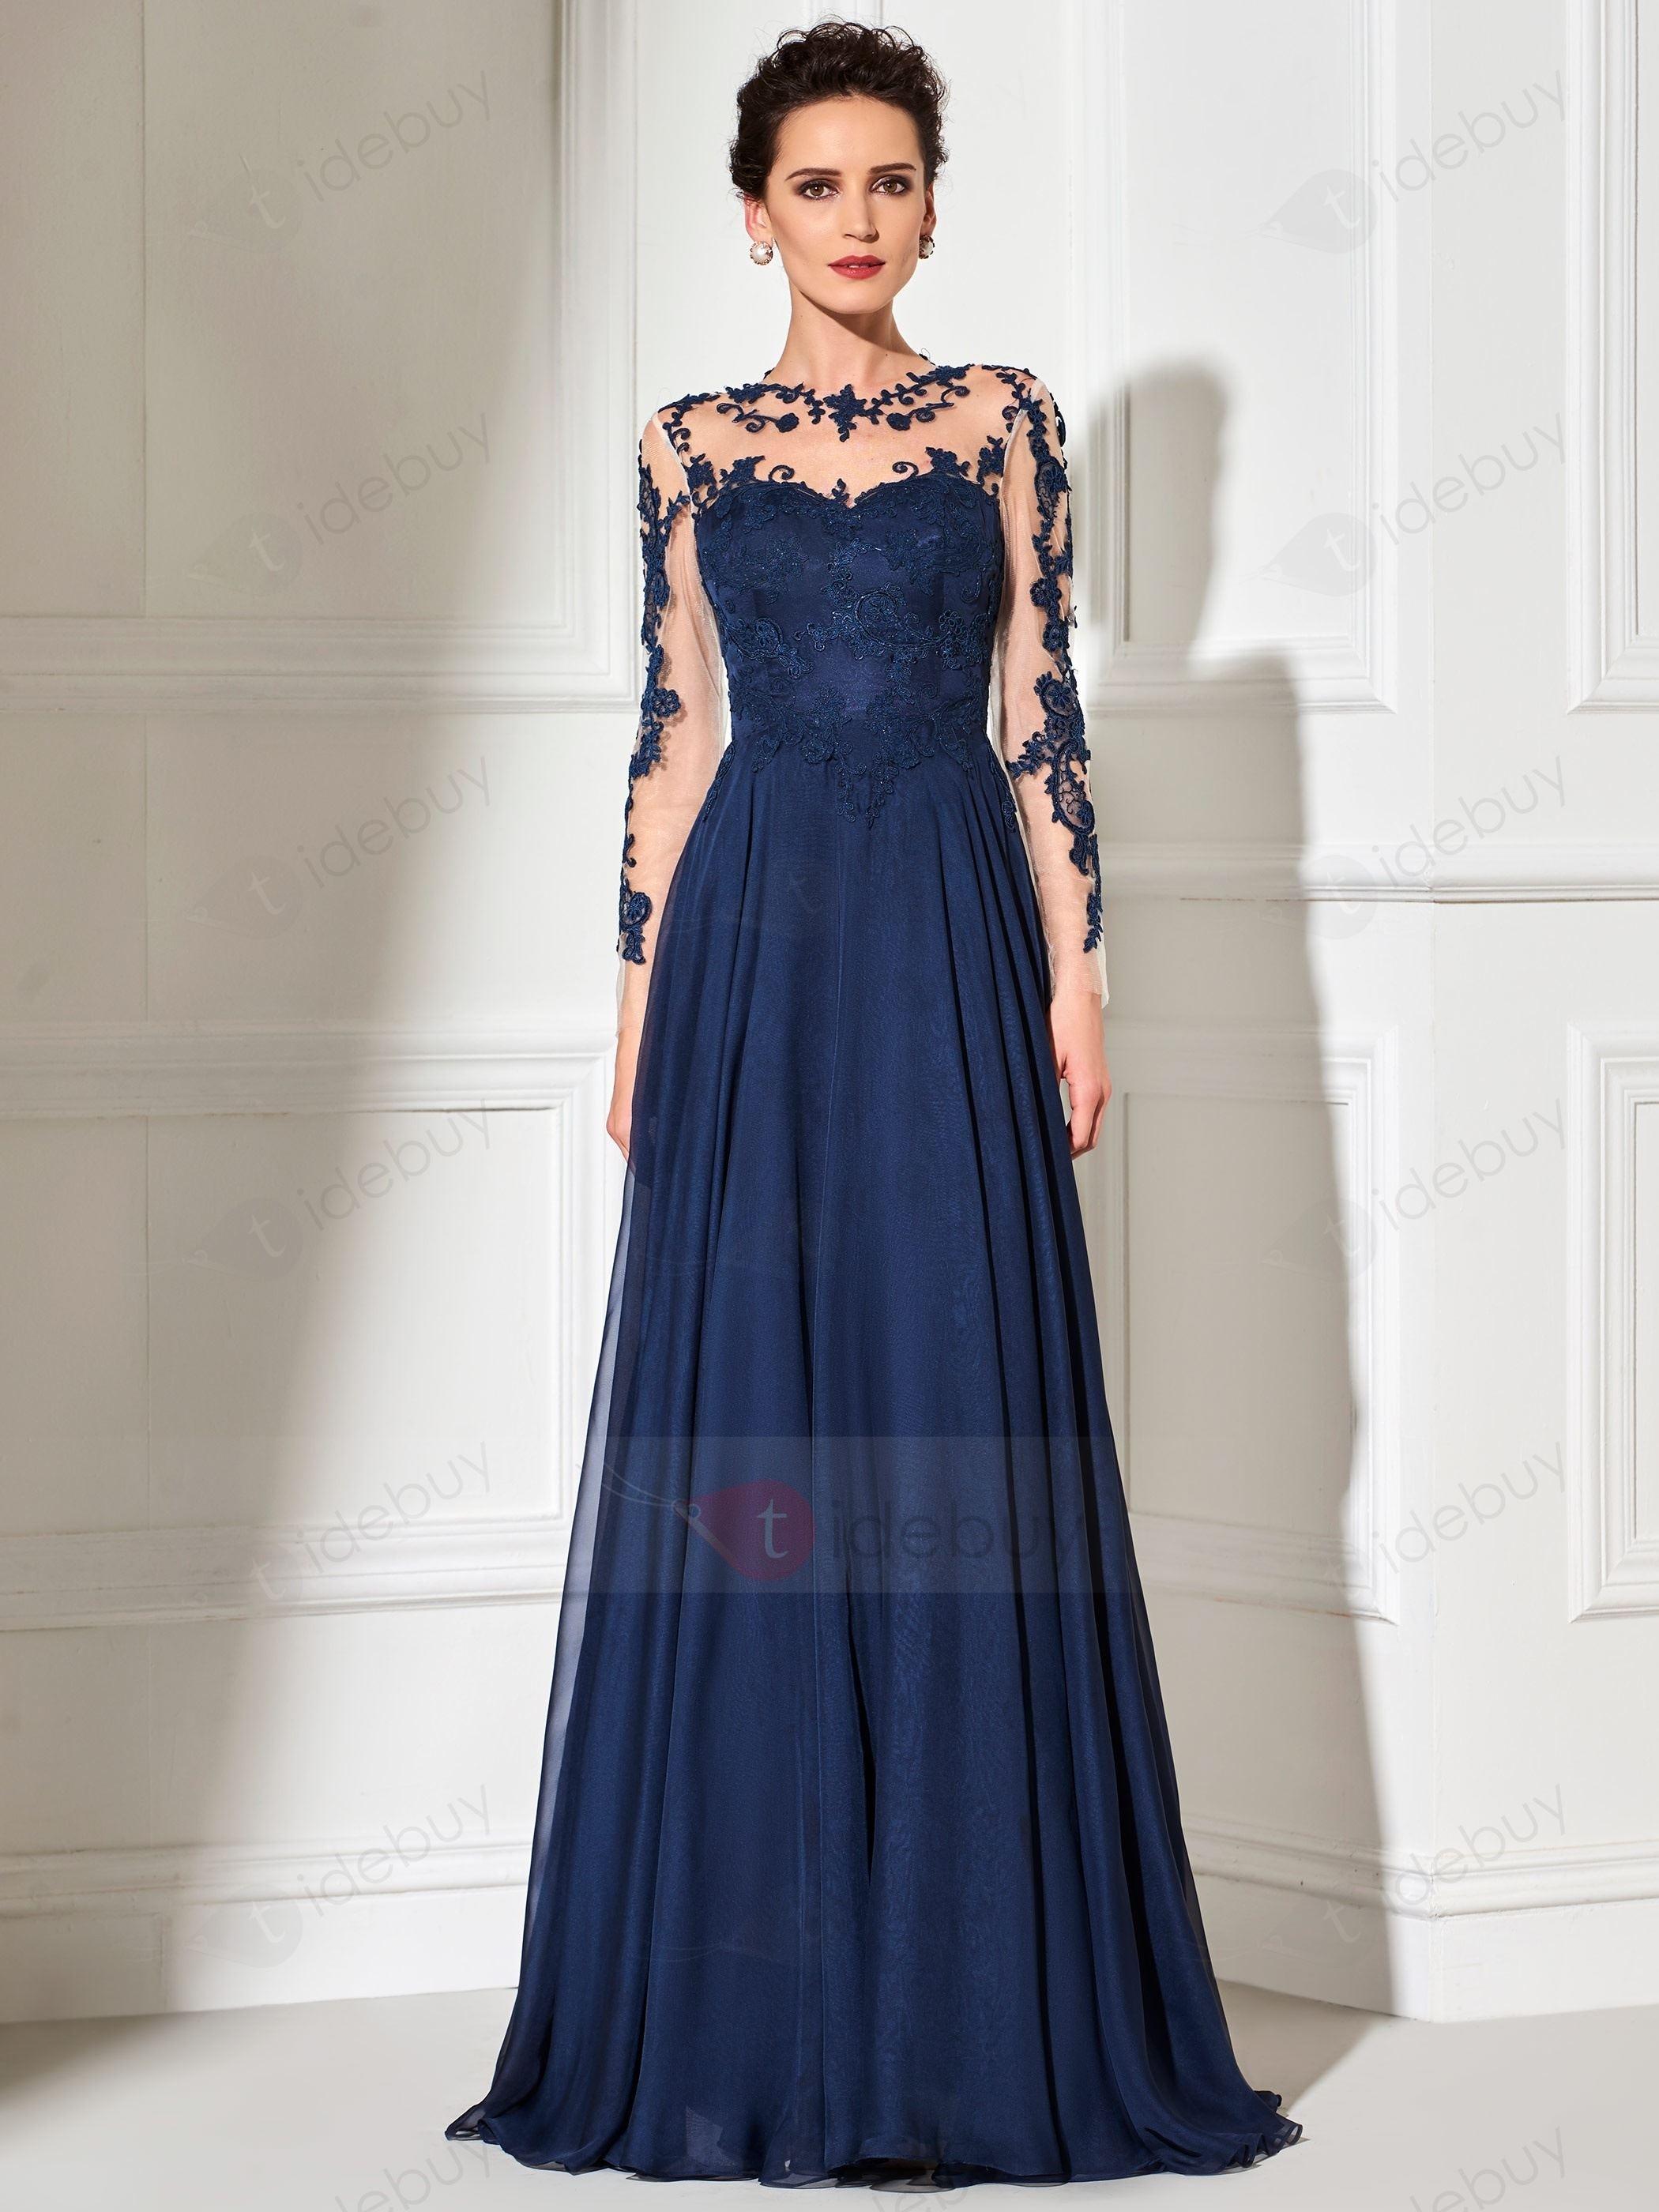 20 Top Abendkleider Online Lang GalerieDesigner Schön Abendkleider Online Lang Stylish